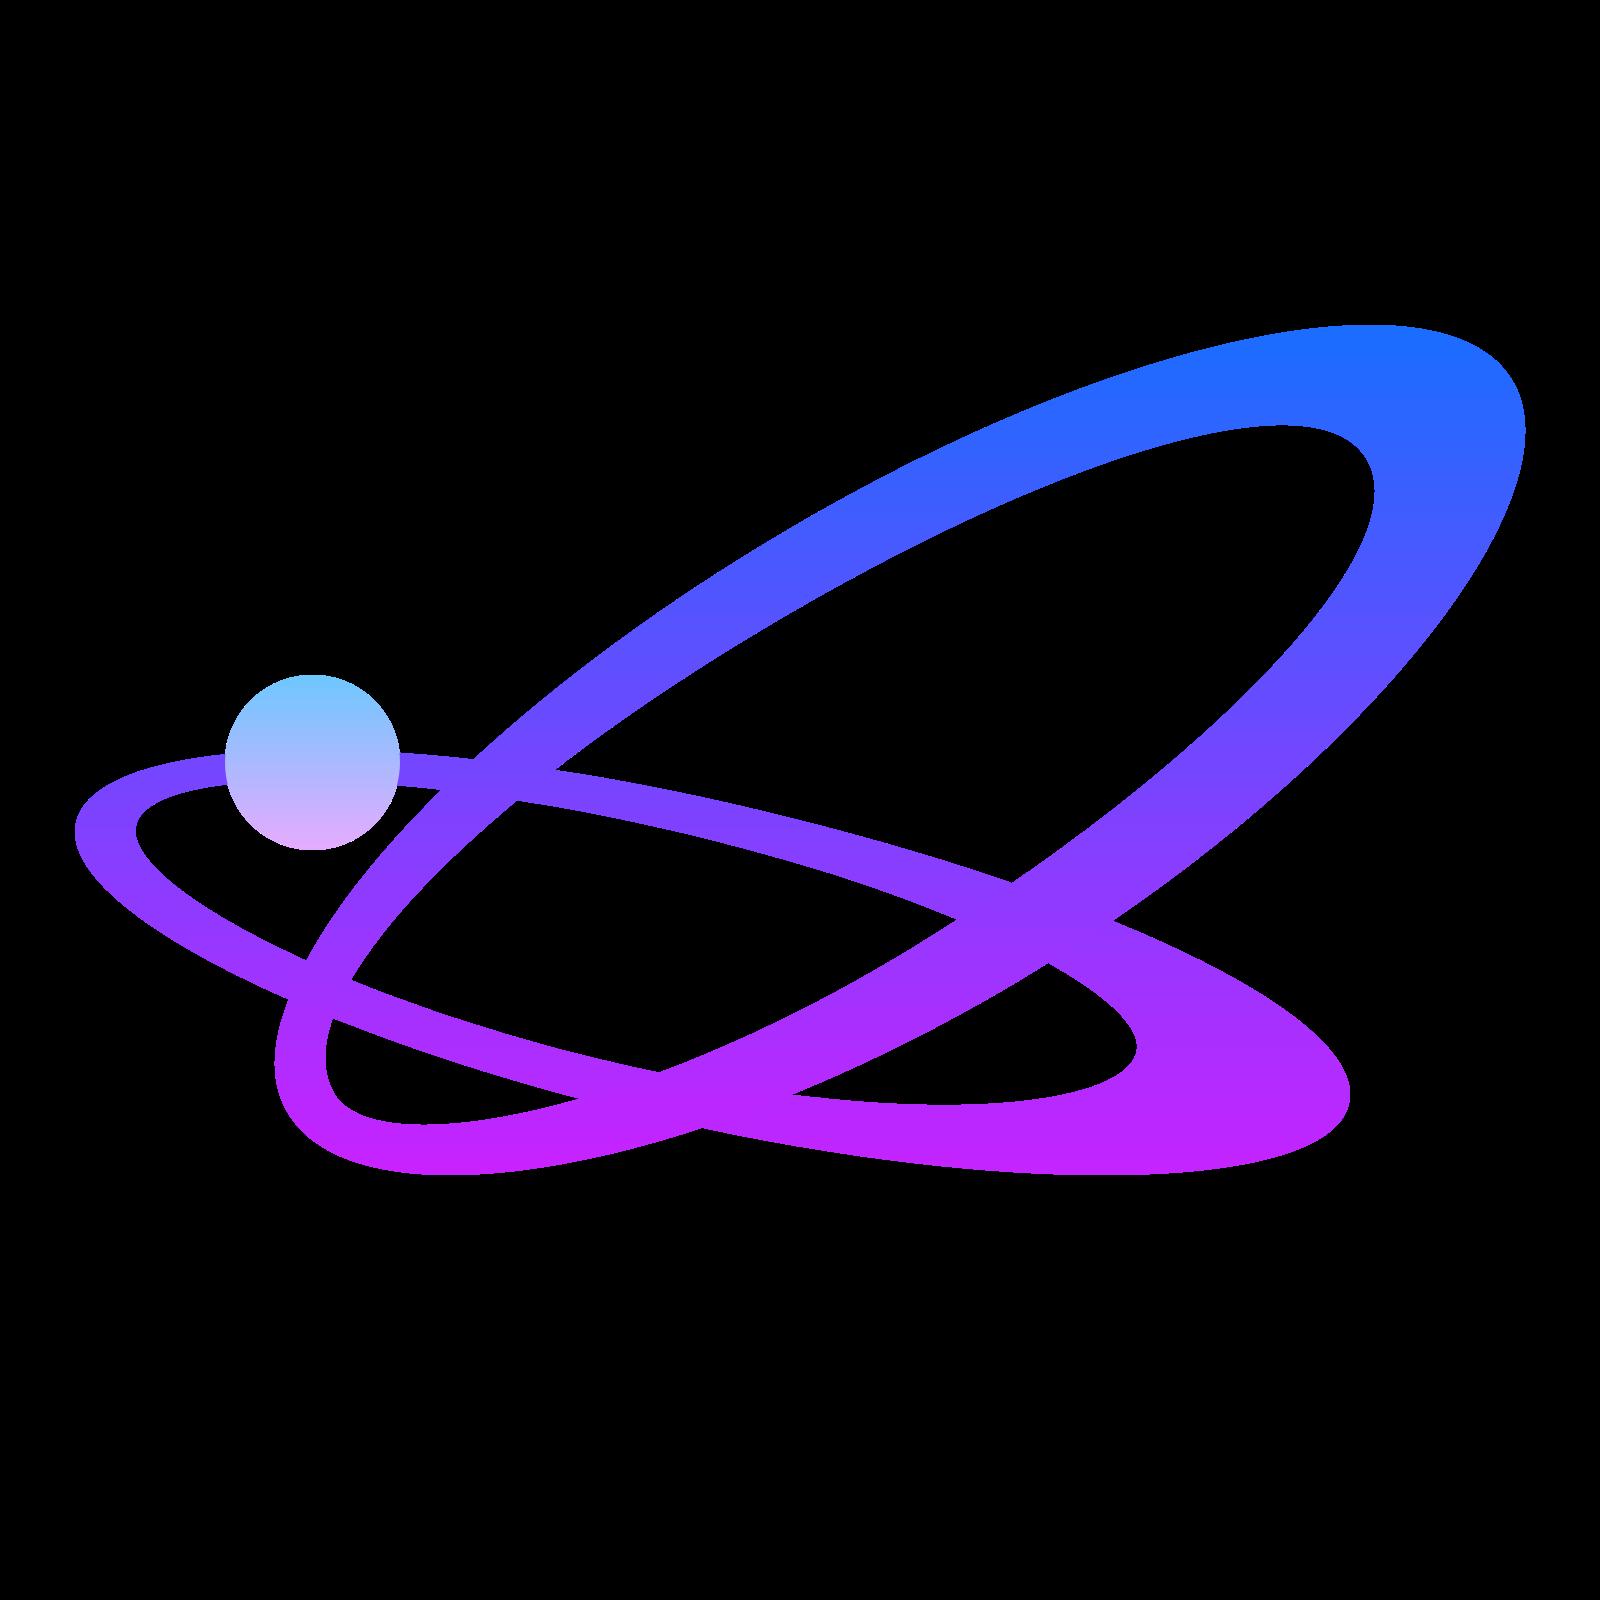 Nfo Servers icon